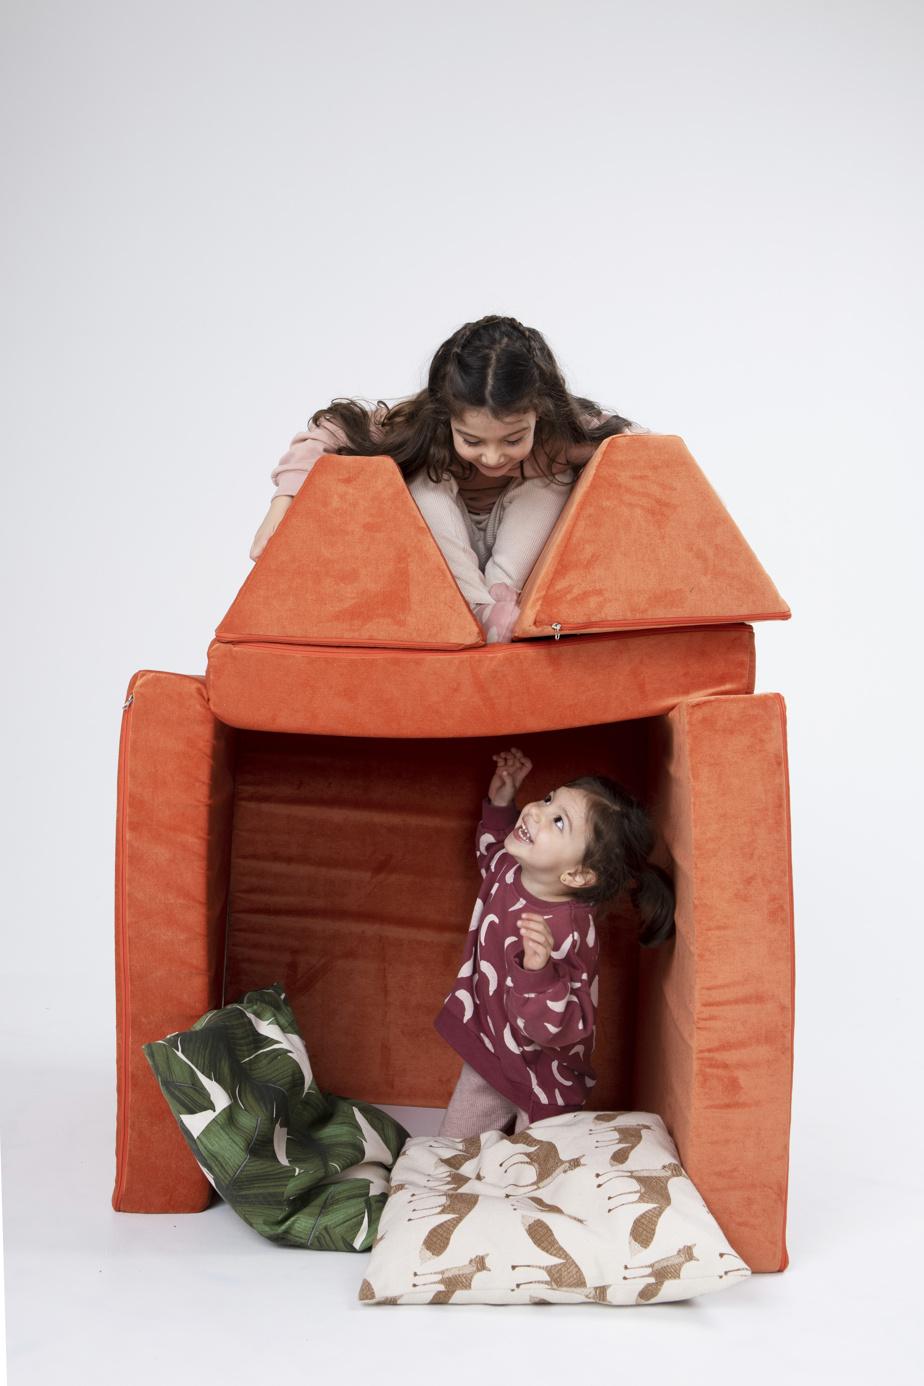 Les modules du canapé peuvent servir à faire des cabanes.